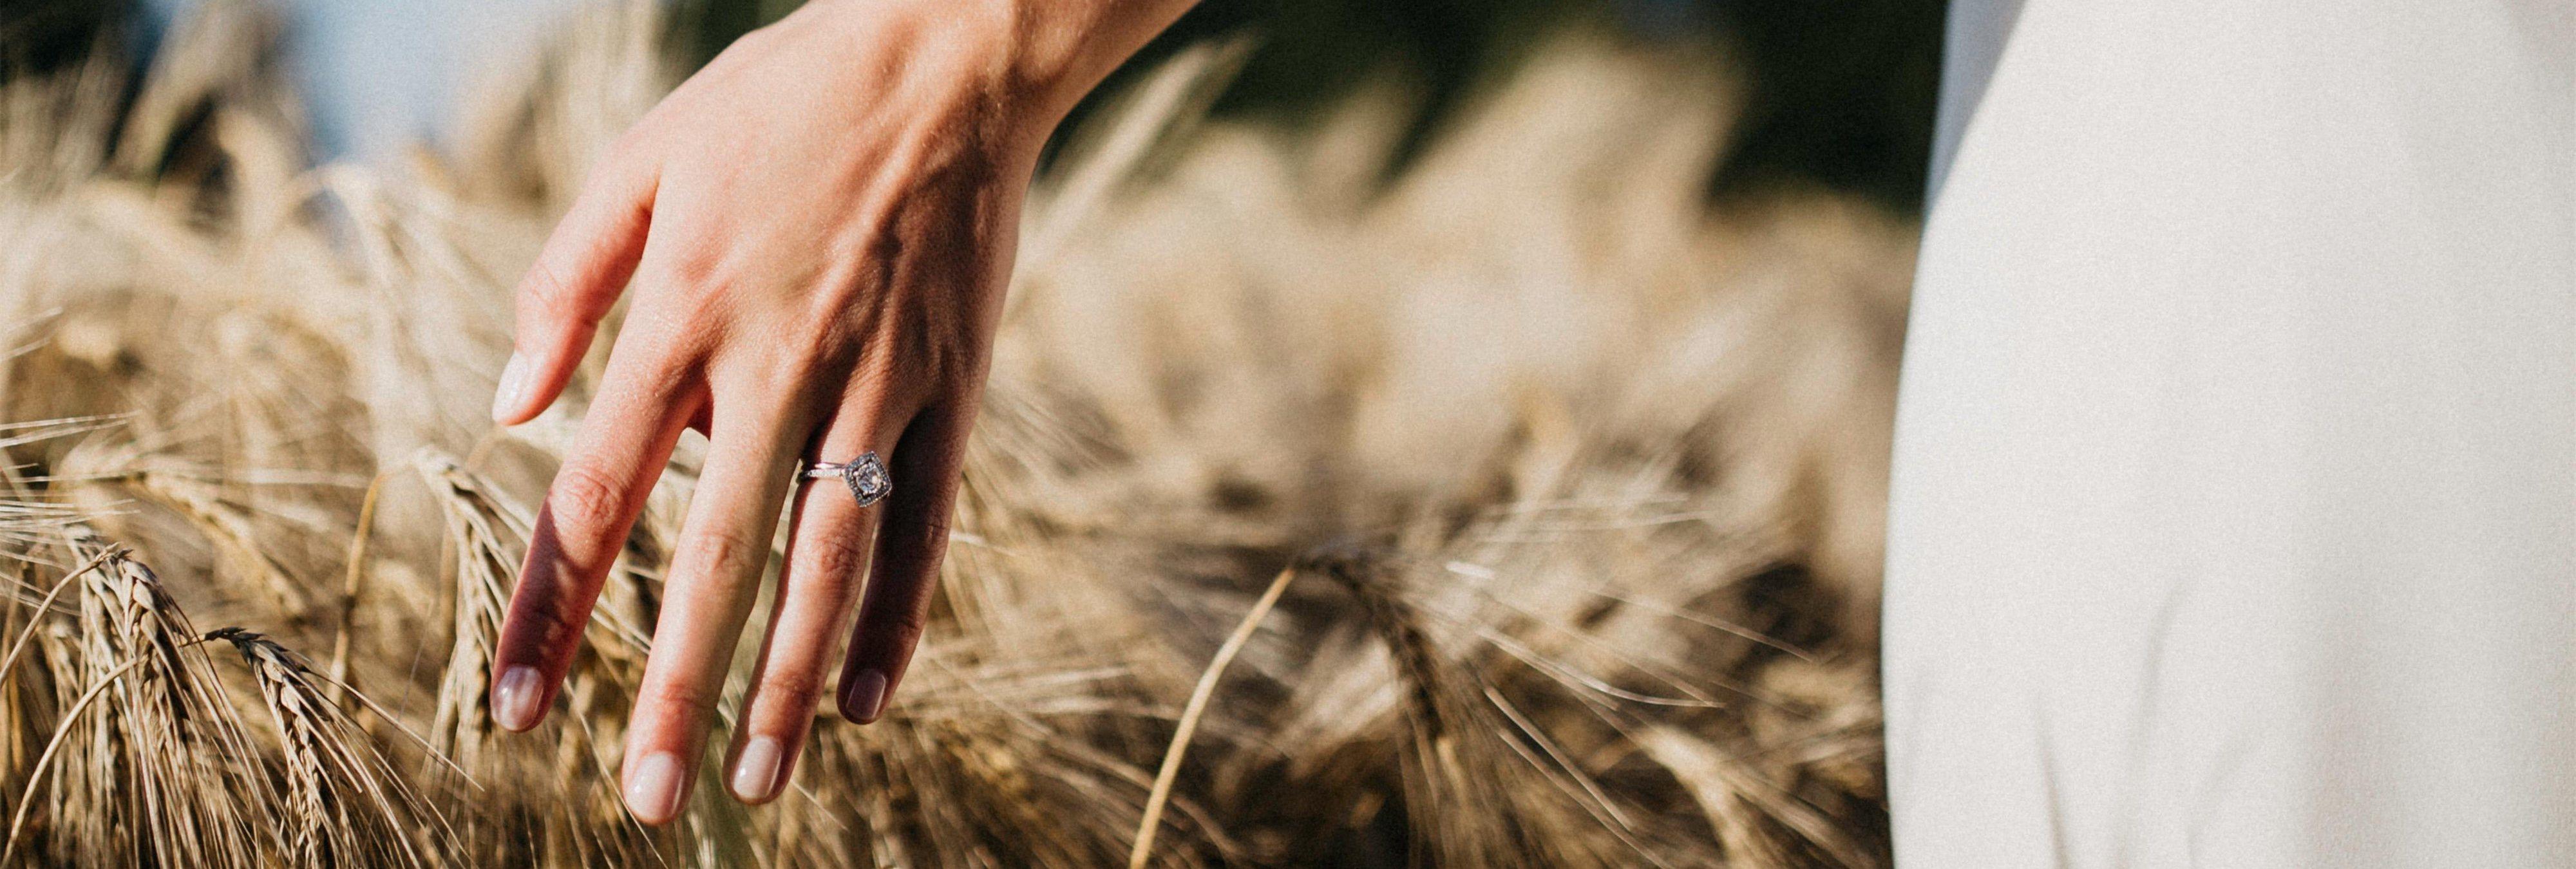 Salen a la venta anillos de compromiso con GPS incorporado